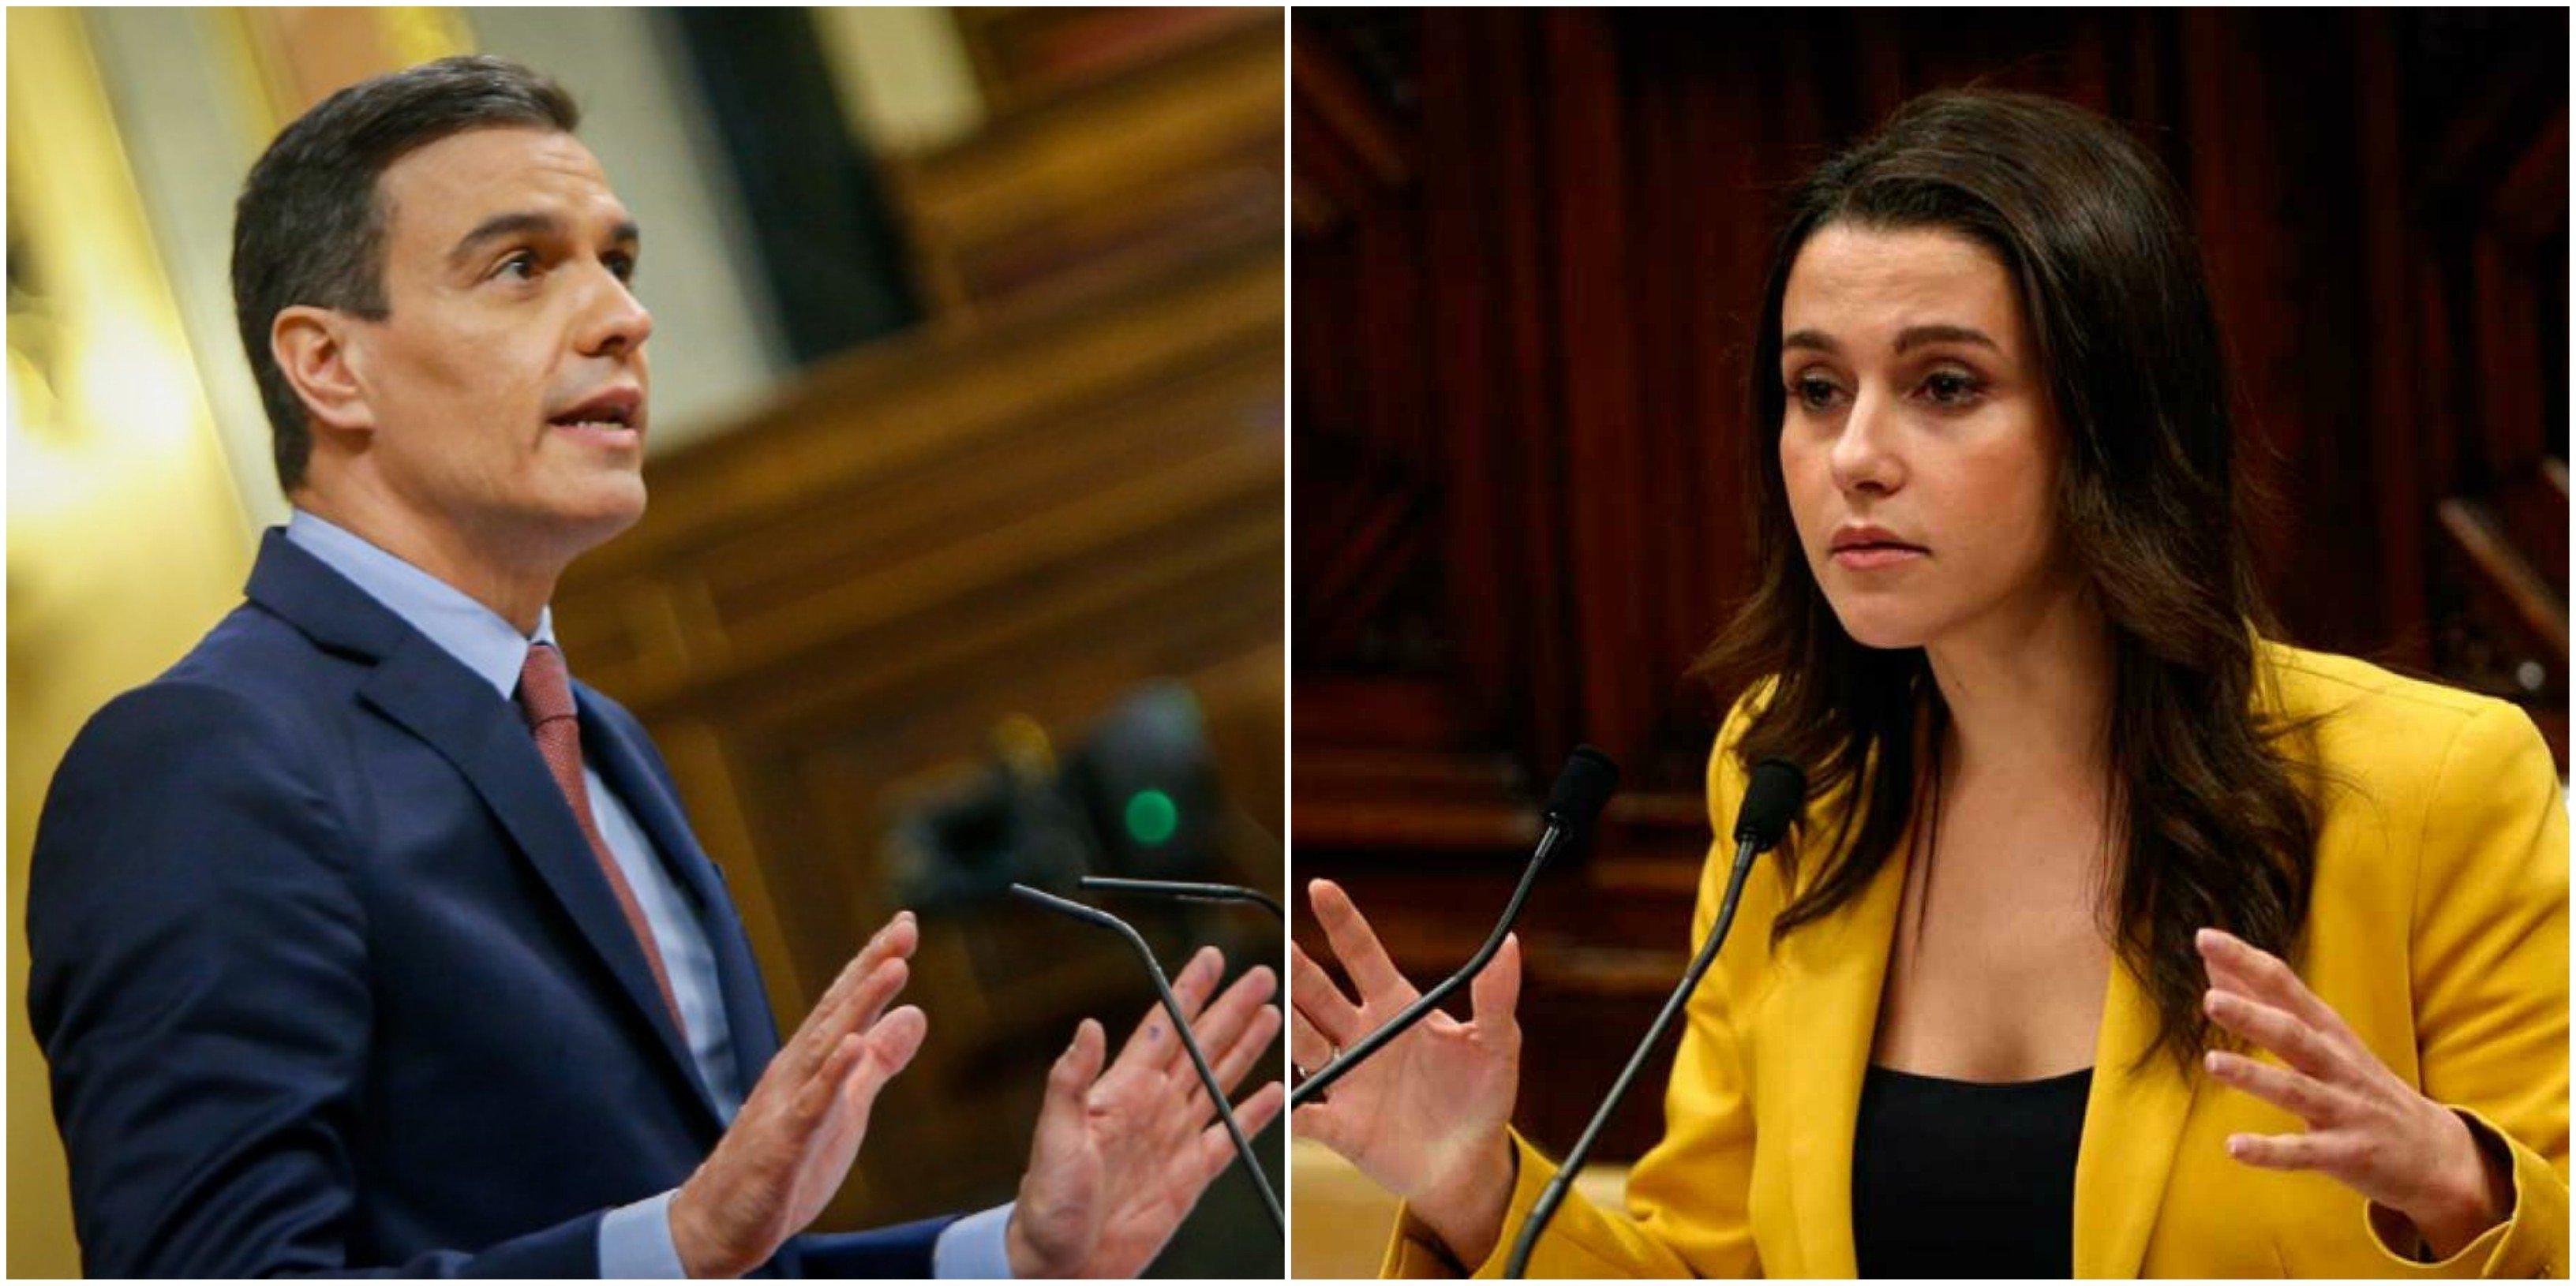 Arrimadas entrega Ciudadanos a Sánchez a cambio de la Comunidad de Madrid… y de su supervivencia